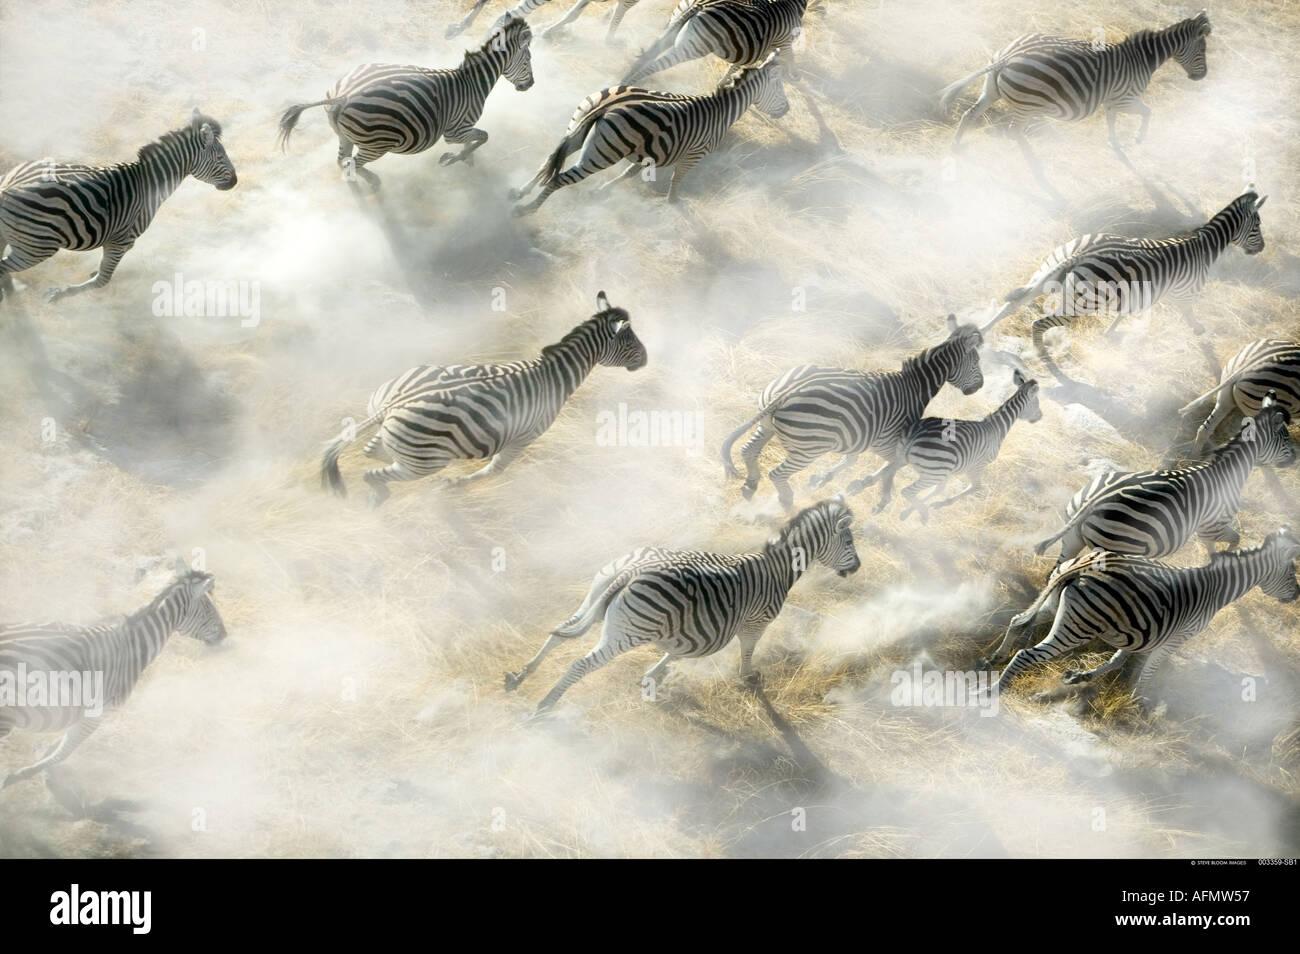 Vista aerea della Zebra mandria esecuzione di Okavango Delta Botswana Immagini Stock